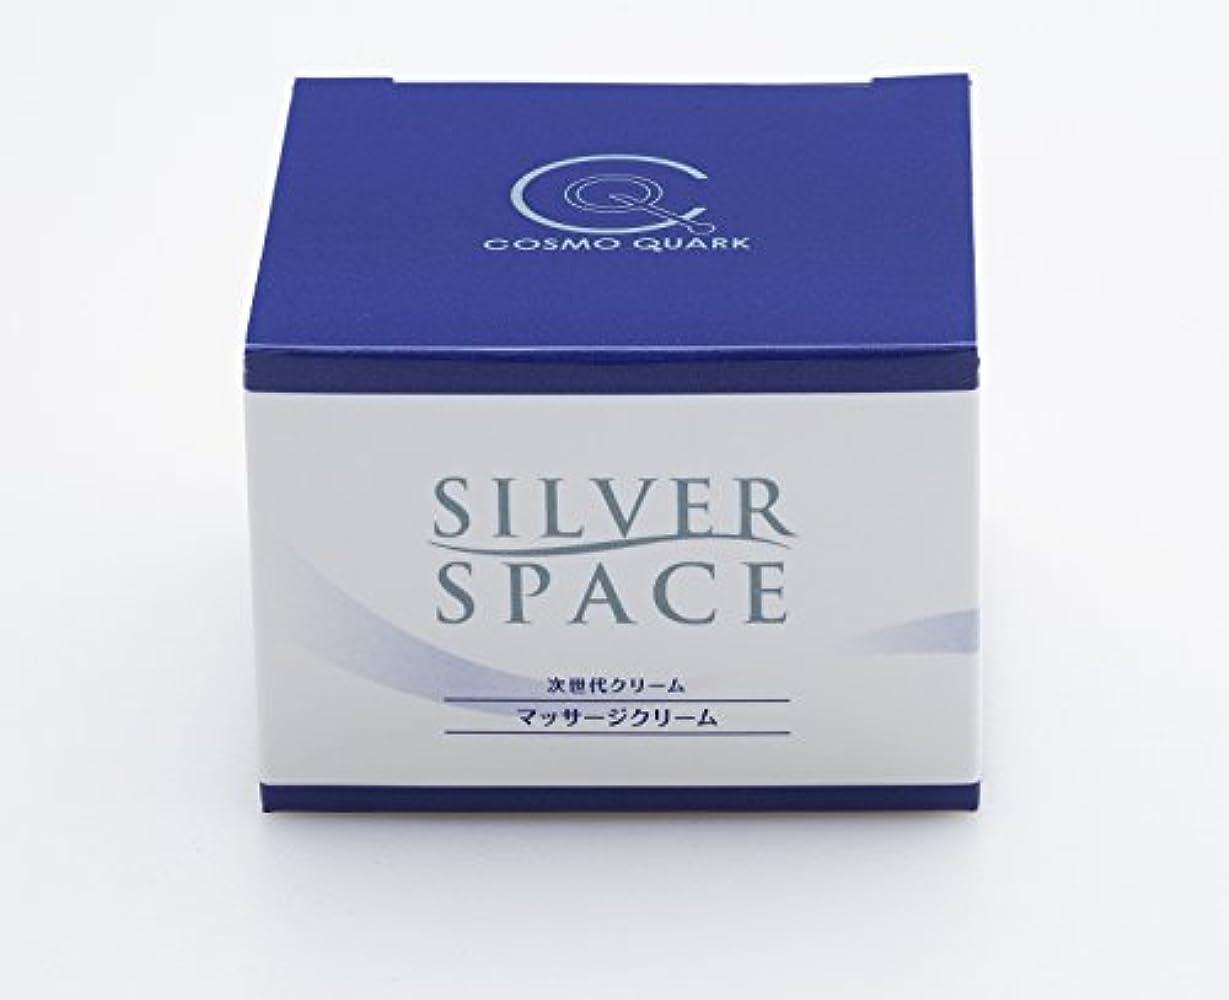 哺乳類頭痛減るクオンタムキュア(Quantum Cure)SILVER SPACE シルバースペース